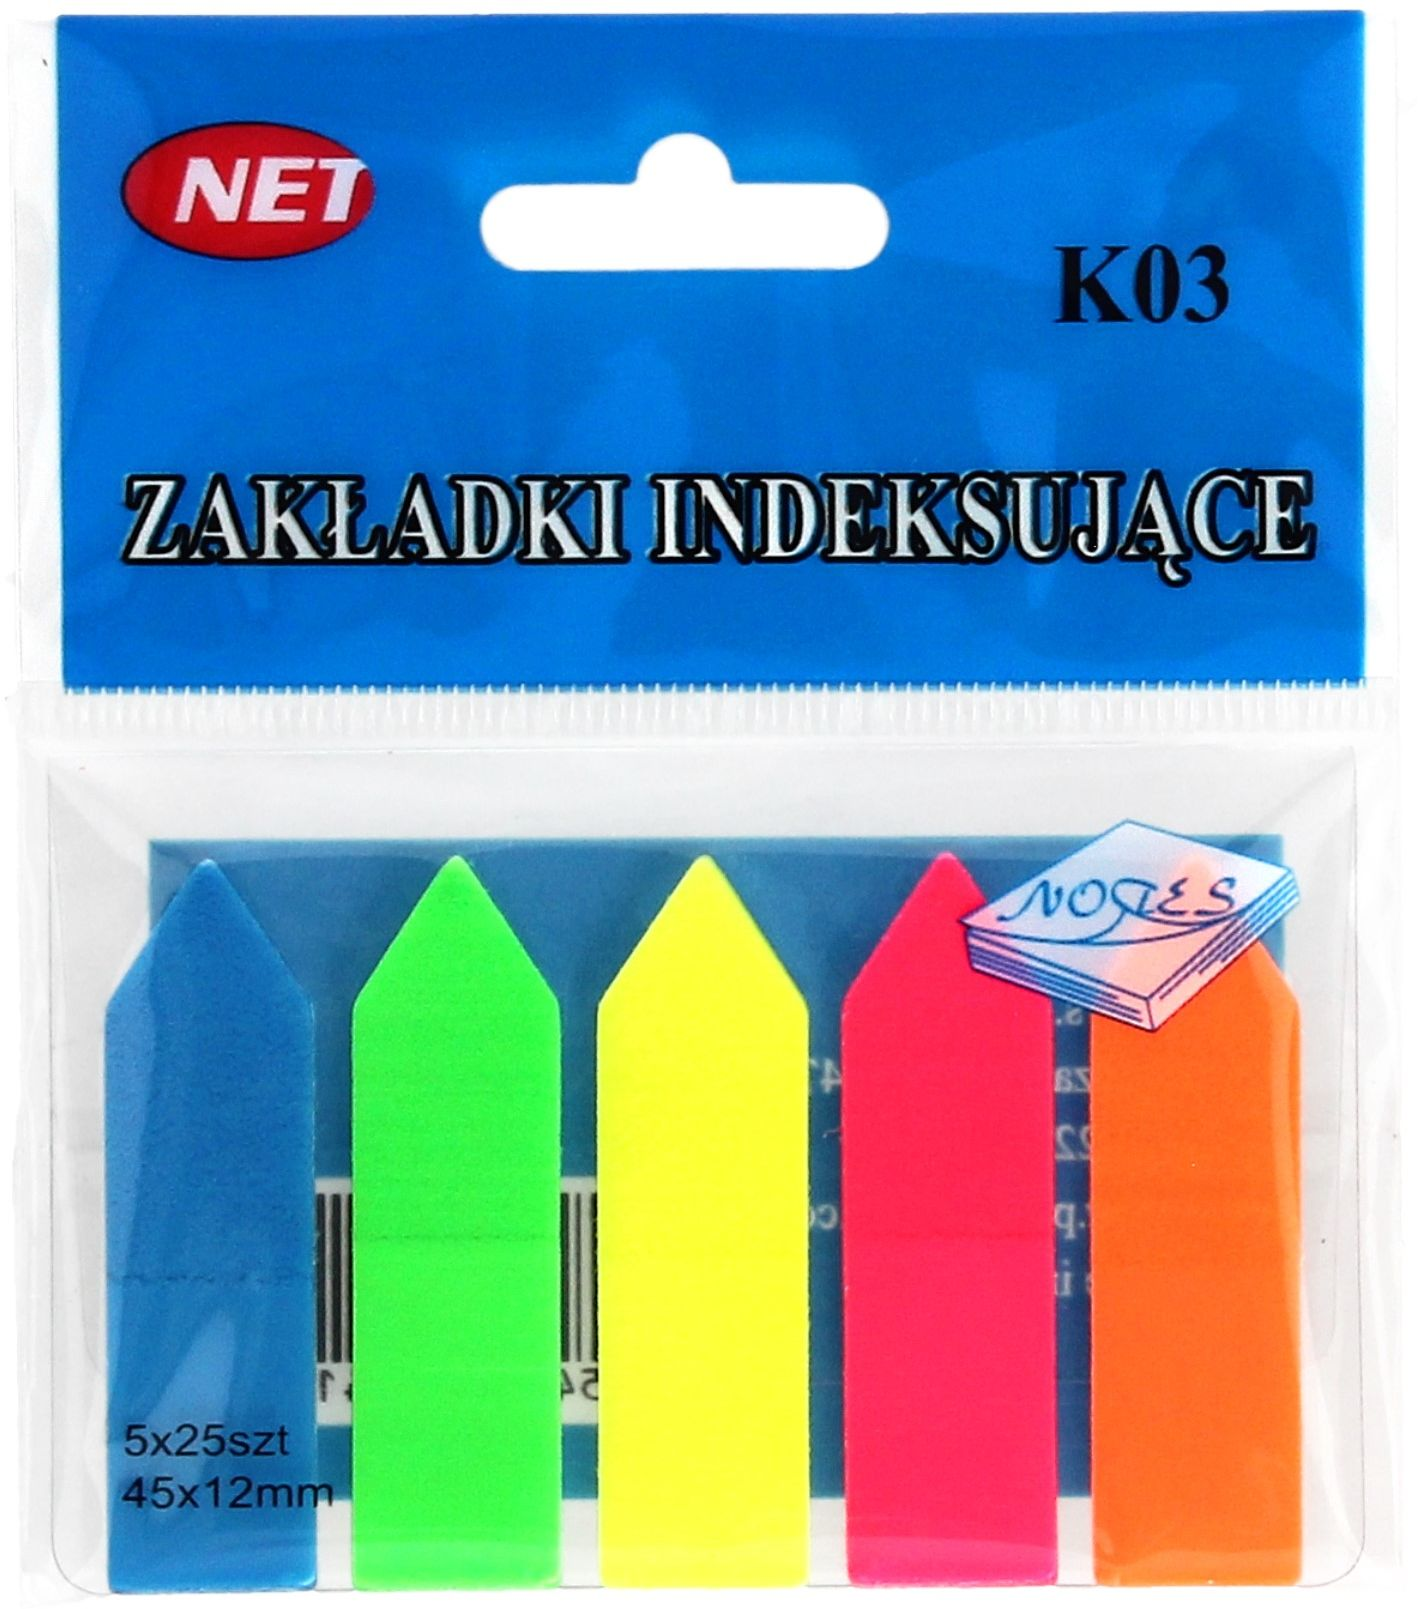 Zakładki indeksujące 12x48 5kol strzałki Net K03